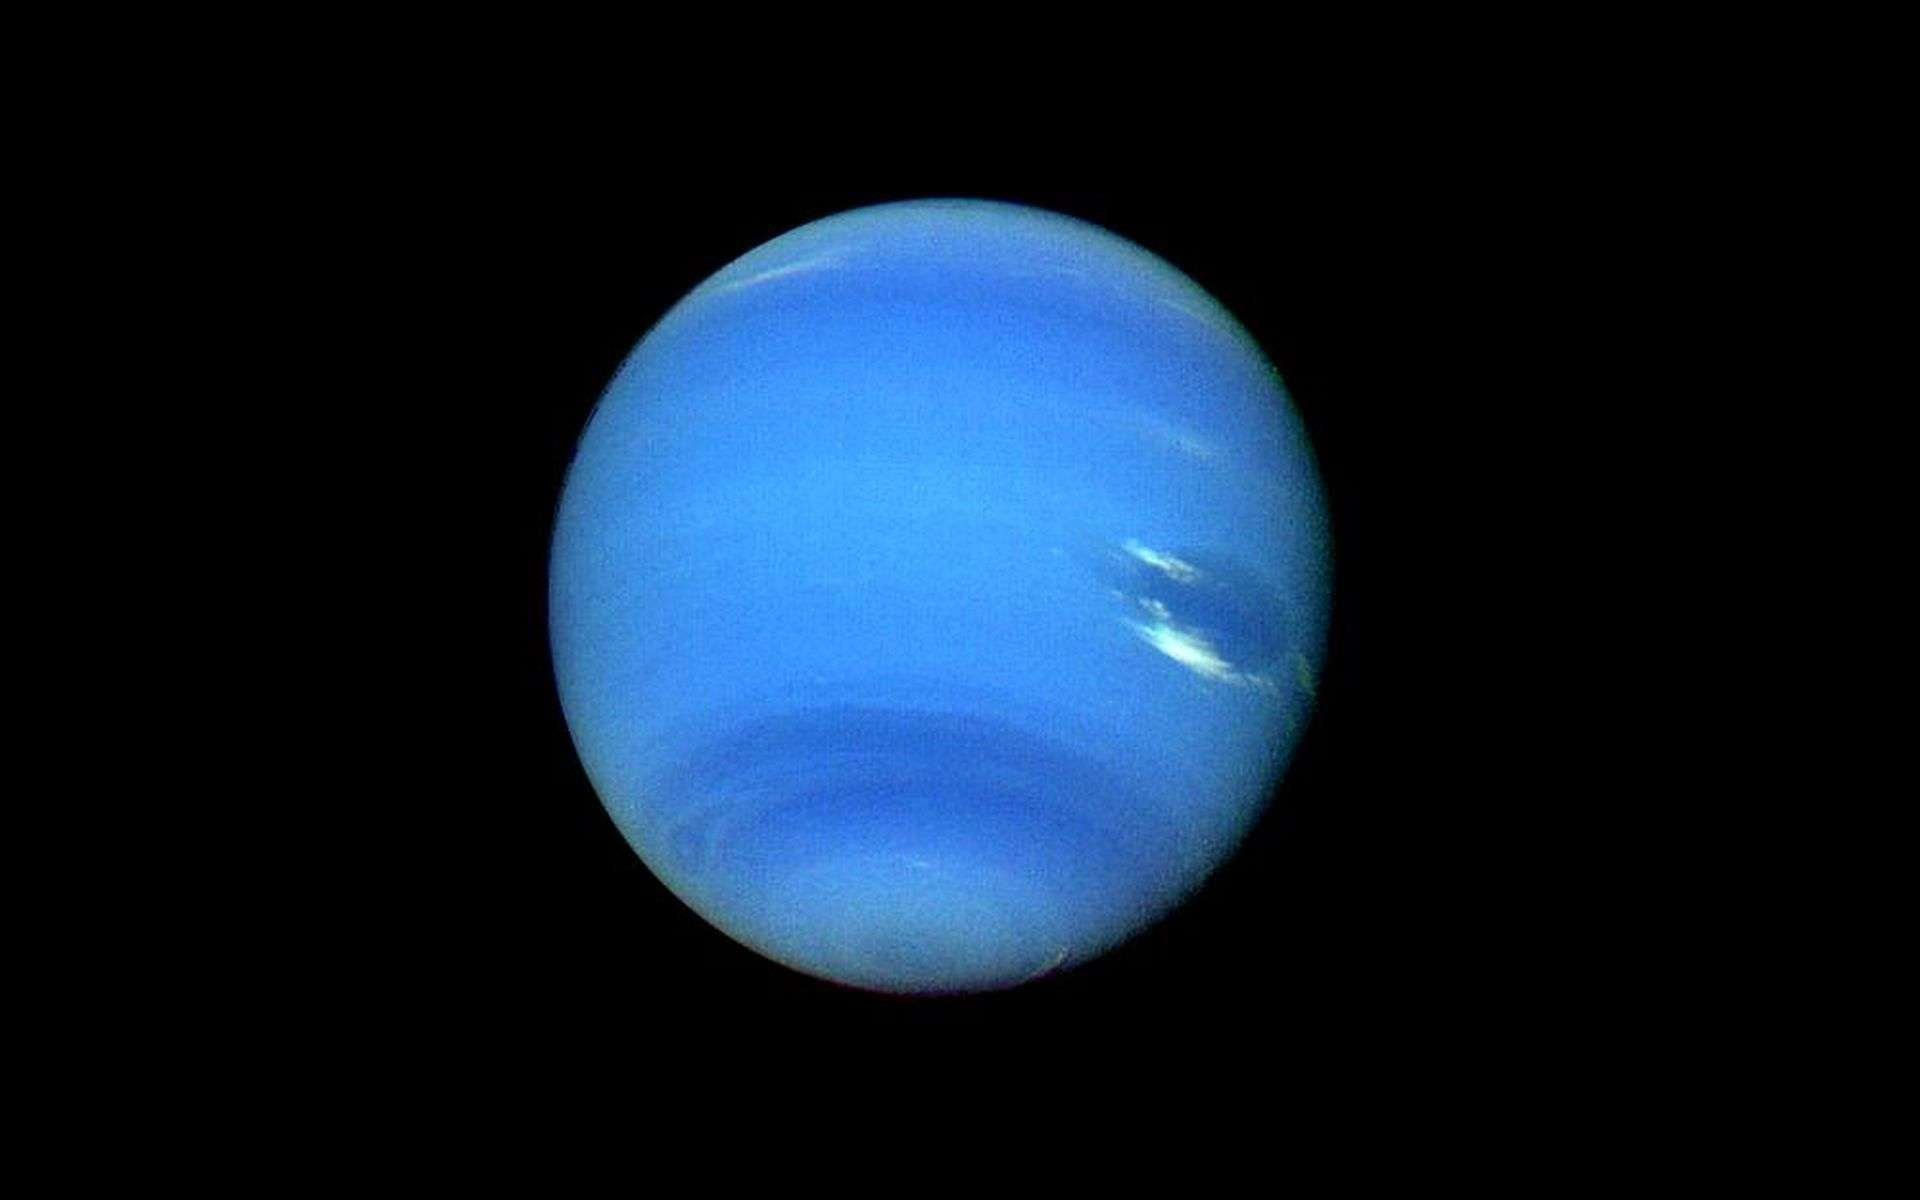 Le buzz du mois : la planète X, alias Neuvième planète, également connue sous le nom de planète Neuf ou planet Nine, et que personne n'a jamais vue. Son existence est suspectée à cause de la bizarrerie des orbites d'objets lointains. © Nasa